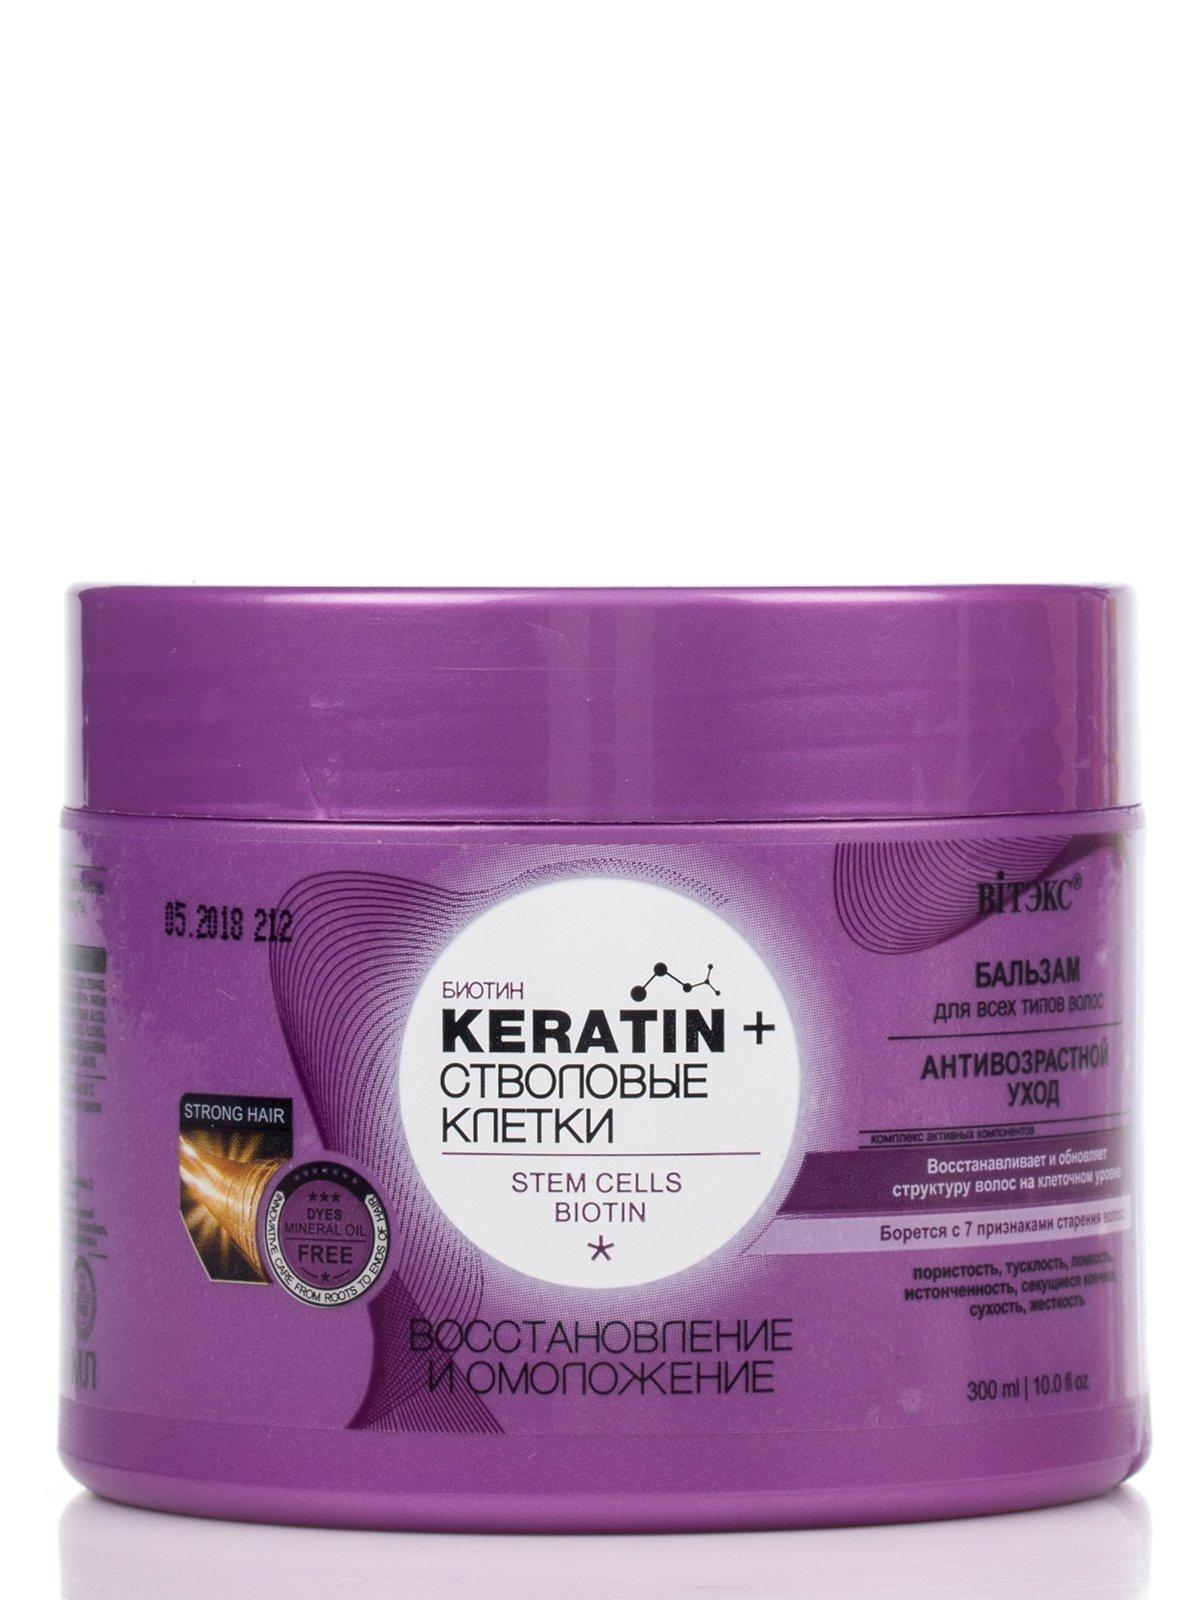 Бальзам для всех типов волос «Восстановление и омоложение» (300 мл) | 2508847